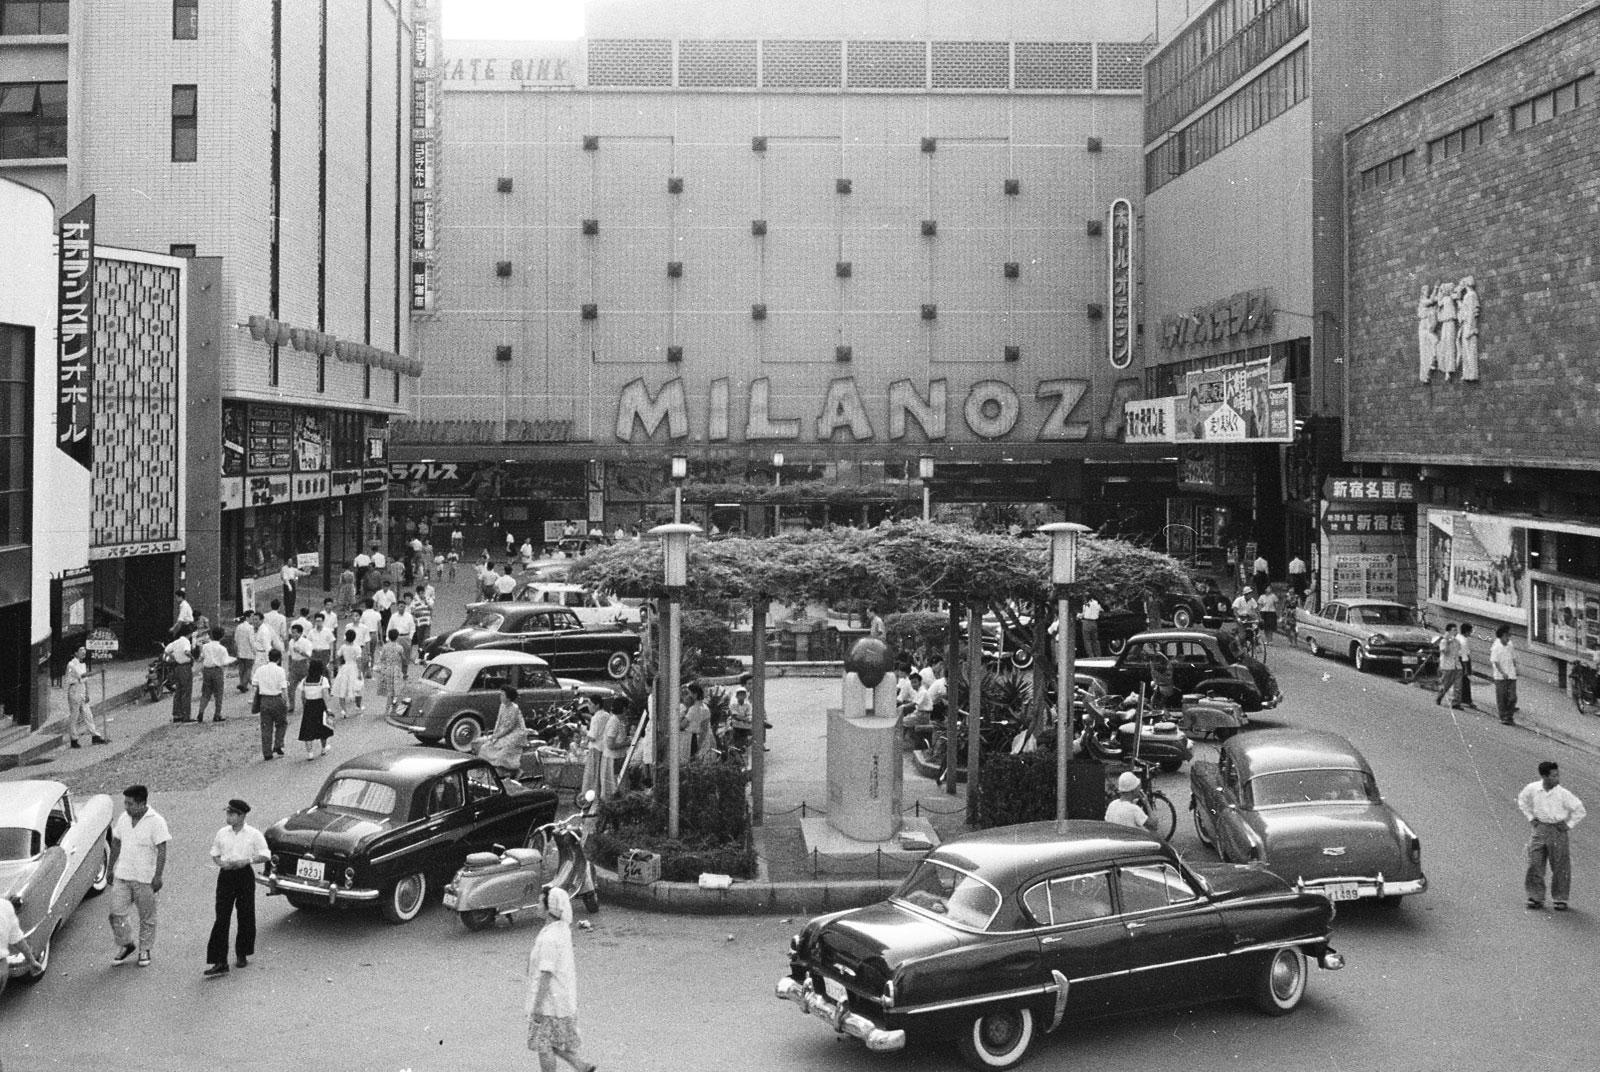 昭和30年代の広場(現「歌舞伎町シネシティ広場」)の様子。手前中央に「歌舞伎町建設記念碑」が見える (資料提供先、所蔵先:「新宿歴史博物館」)